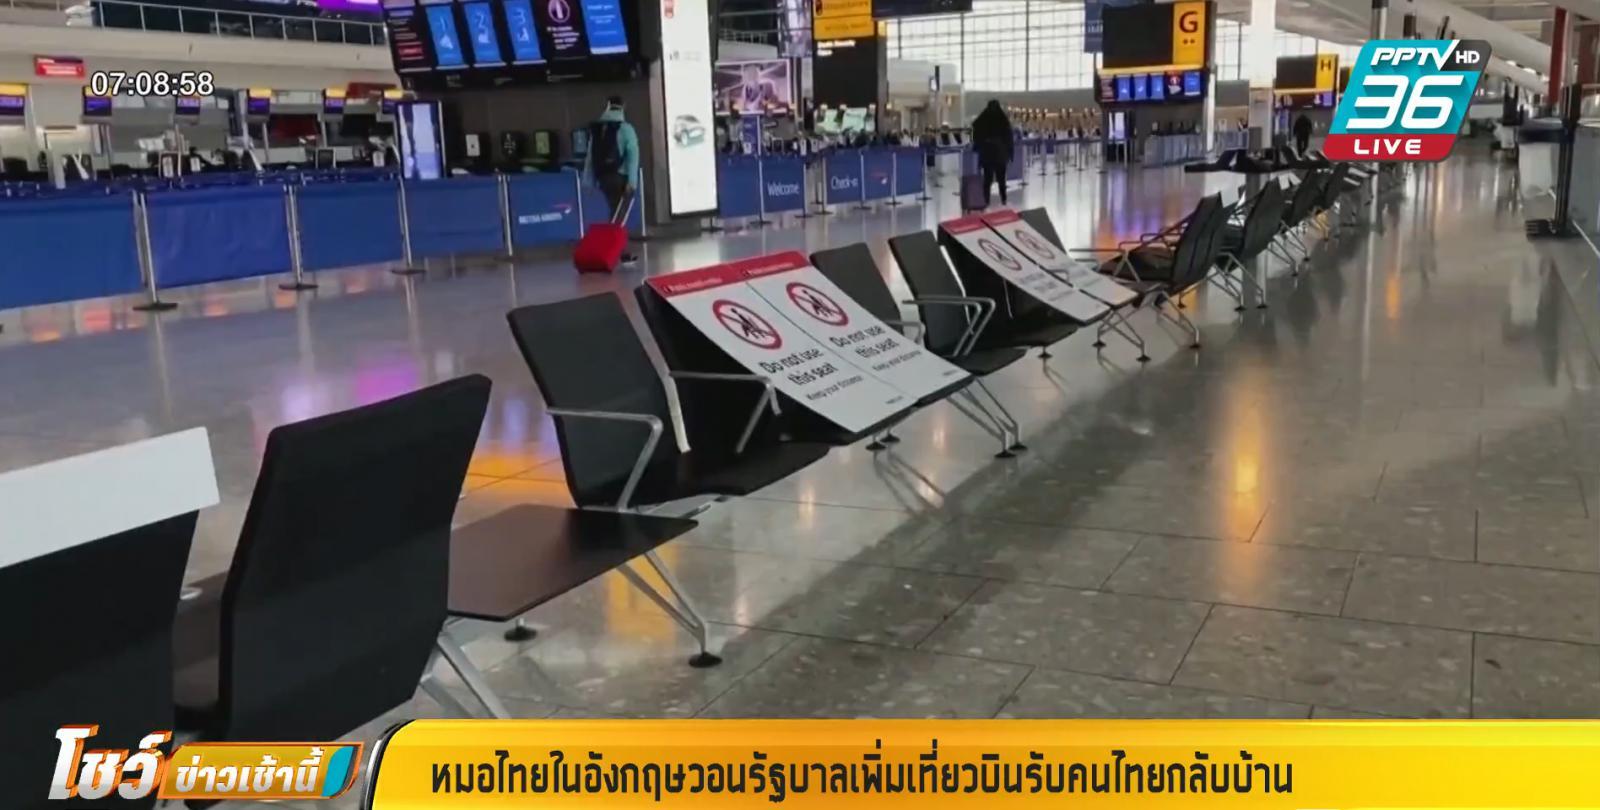 หมอไทยในอังกฤษ วอนรัฐบาลเพิ่มเที่ยวบินรับคนไทยกลับบ้าน